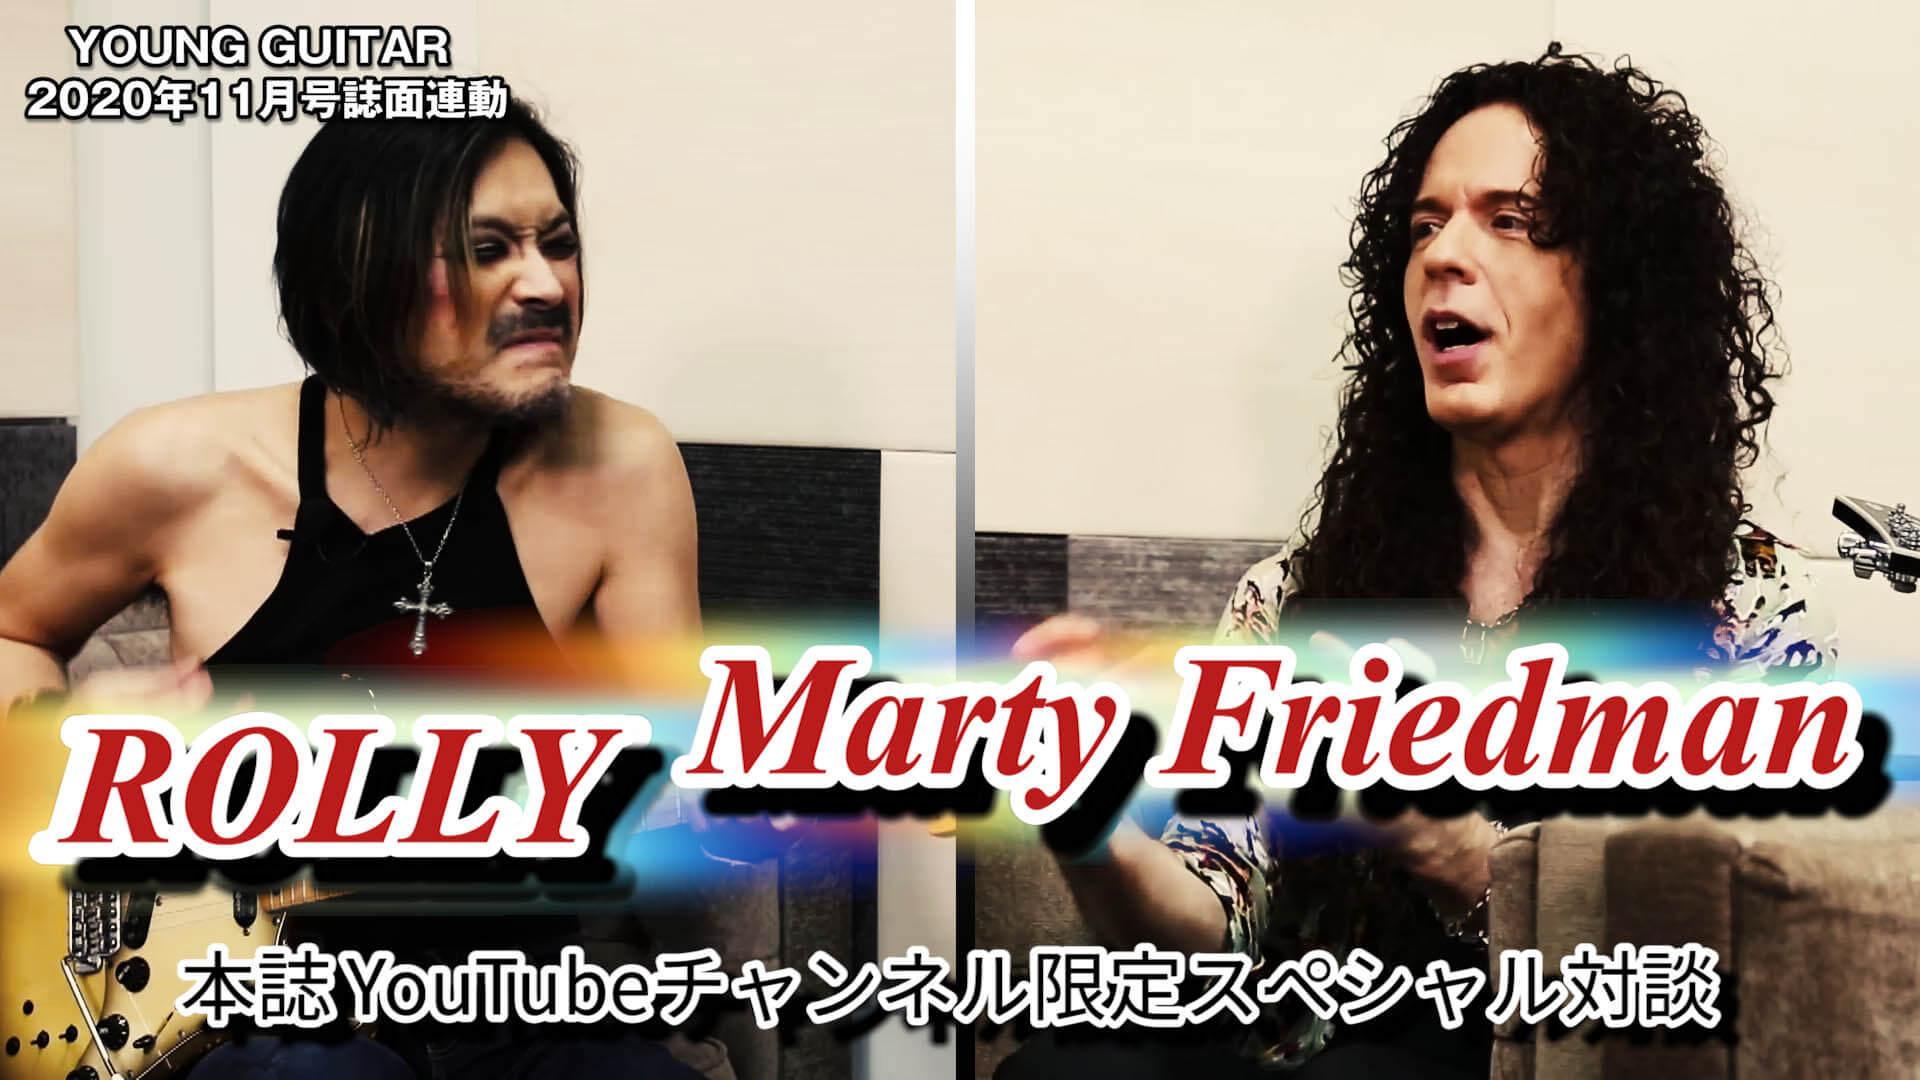 マーティ・フリードマン&ROLLY ヤング・ギターYouTube限定特別対談